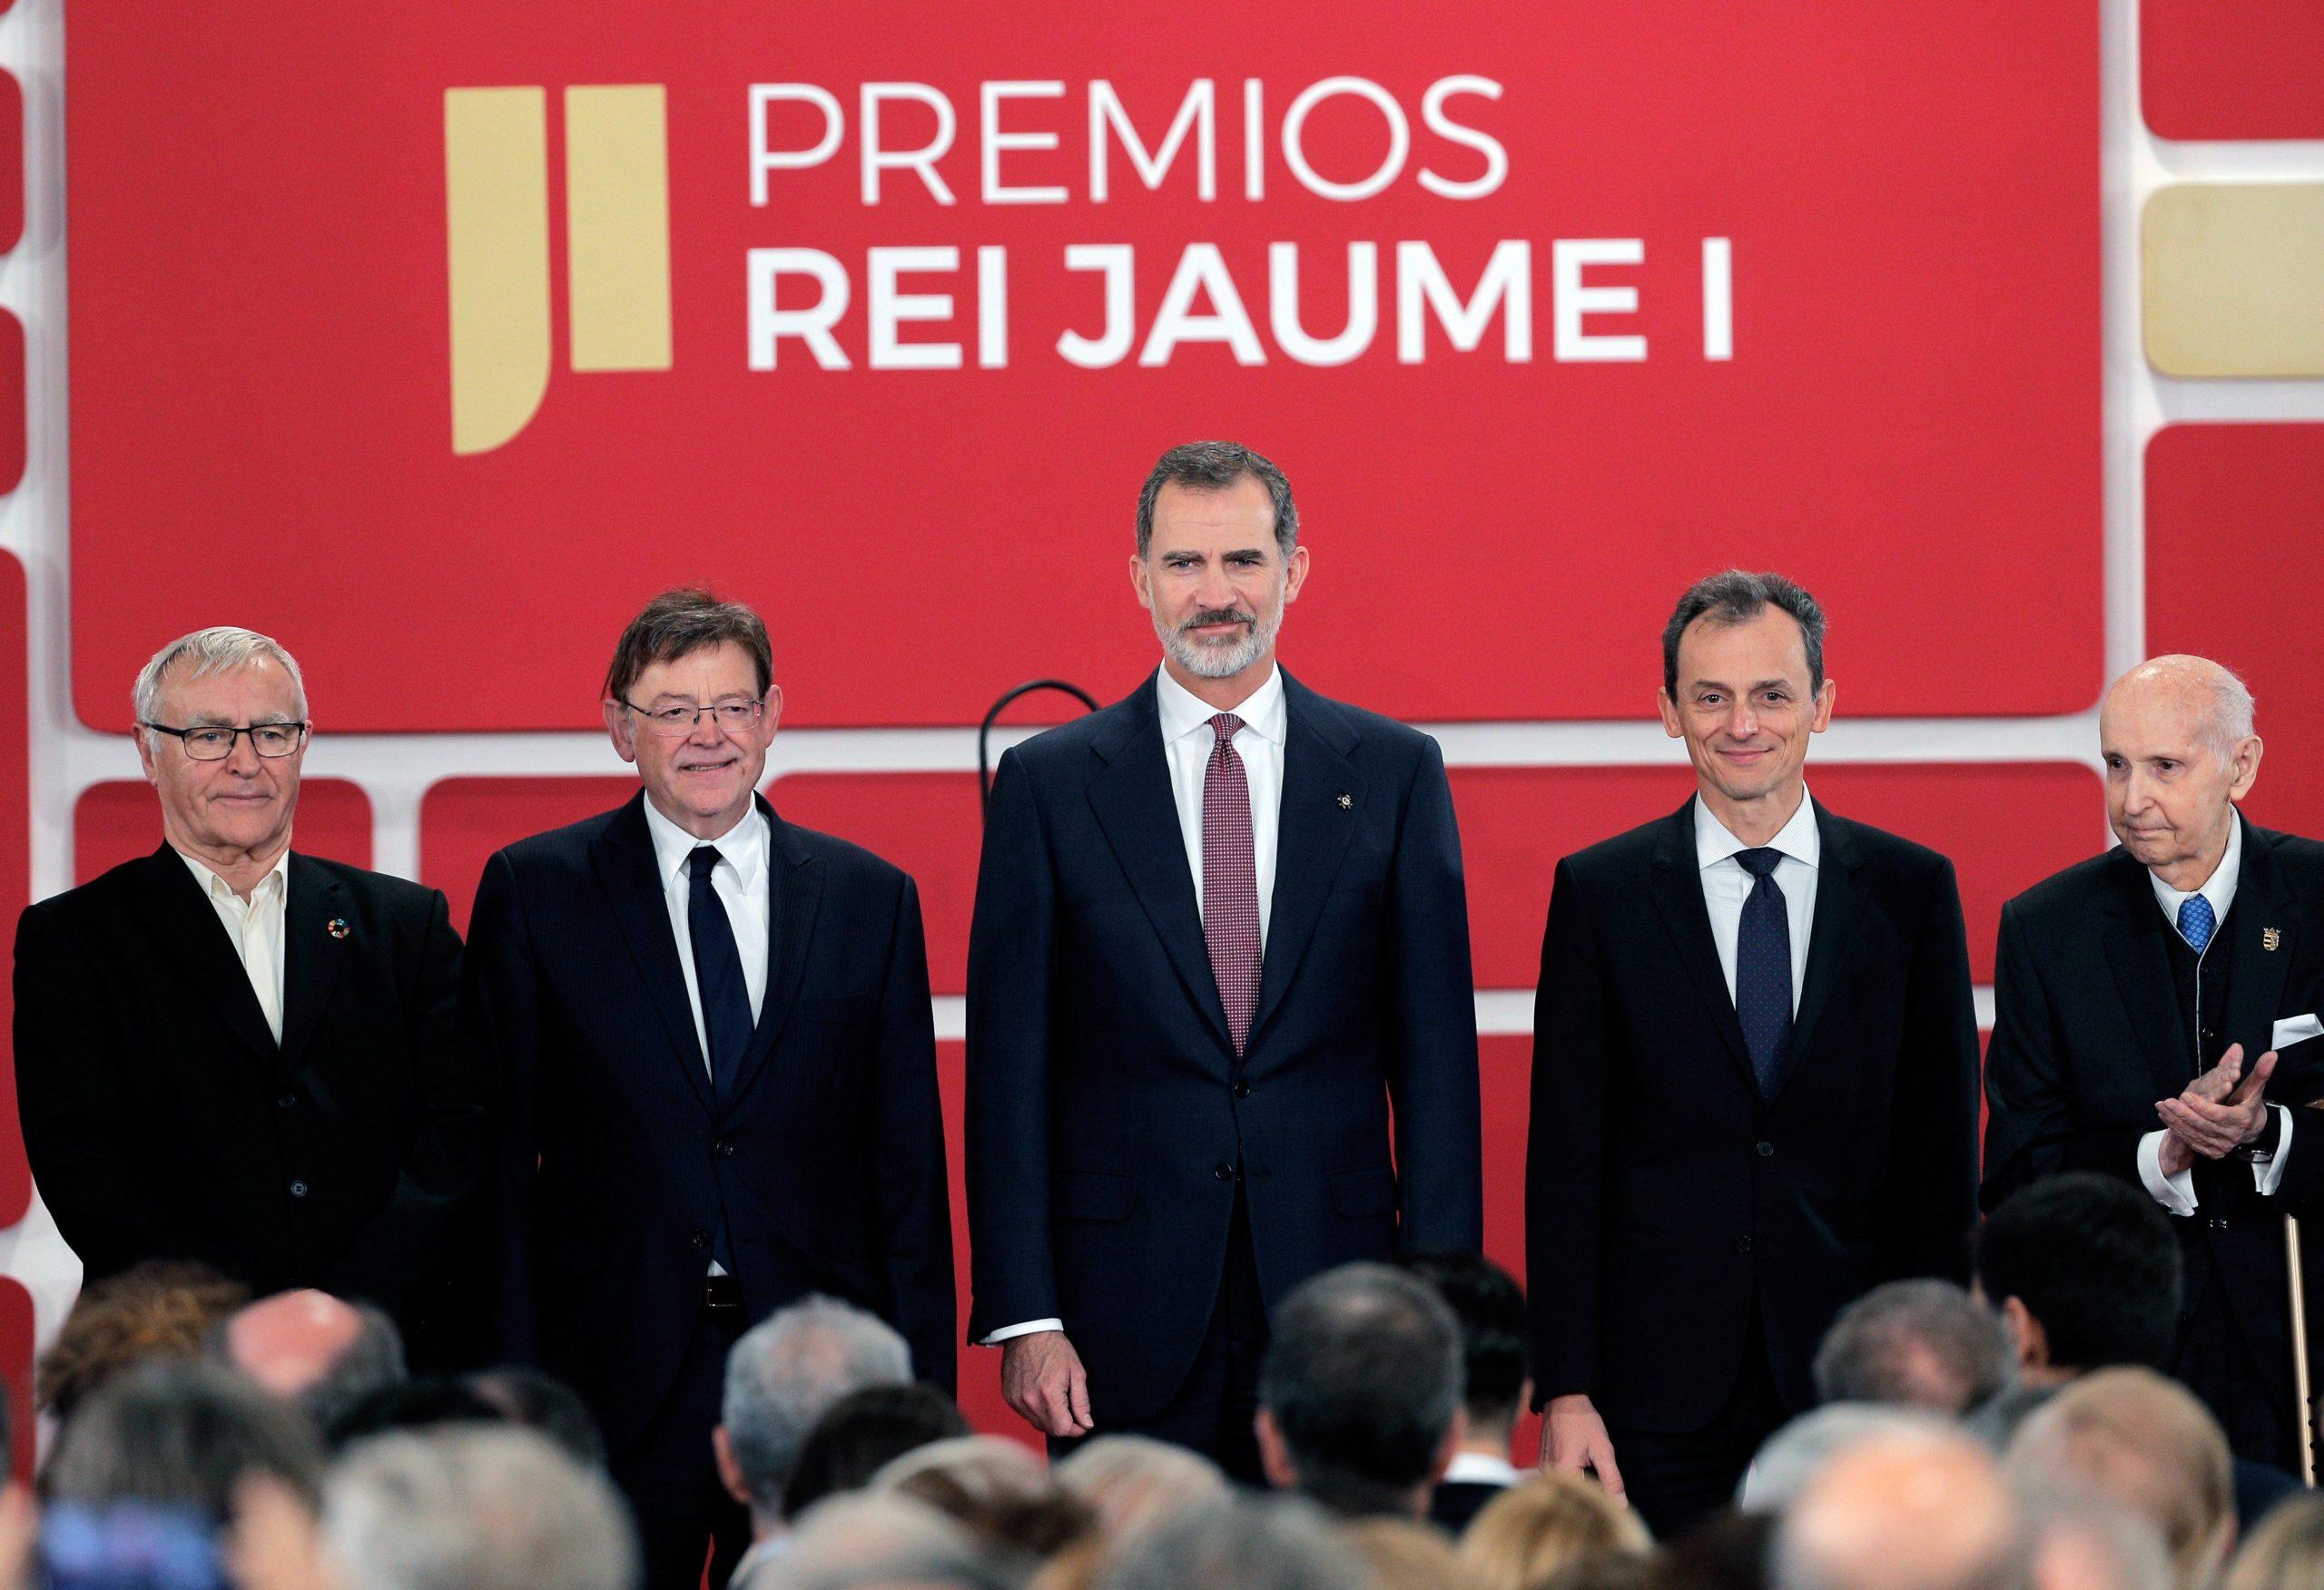 El Rey Felipe VI entrega los Premios Jaime I